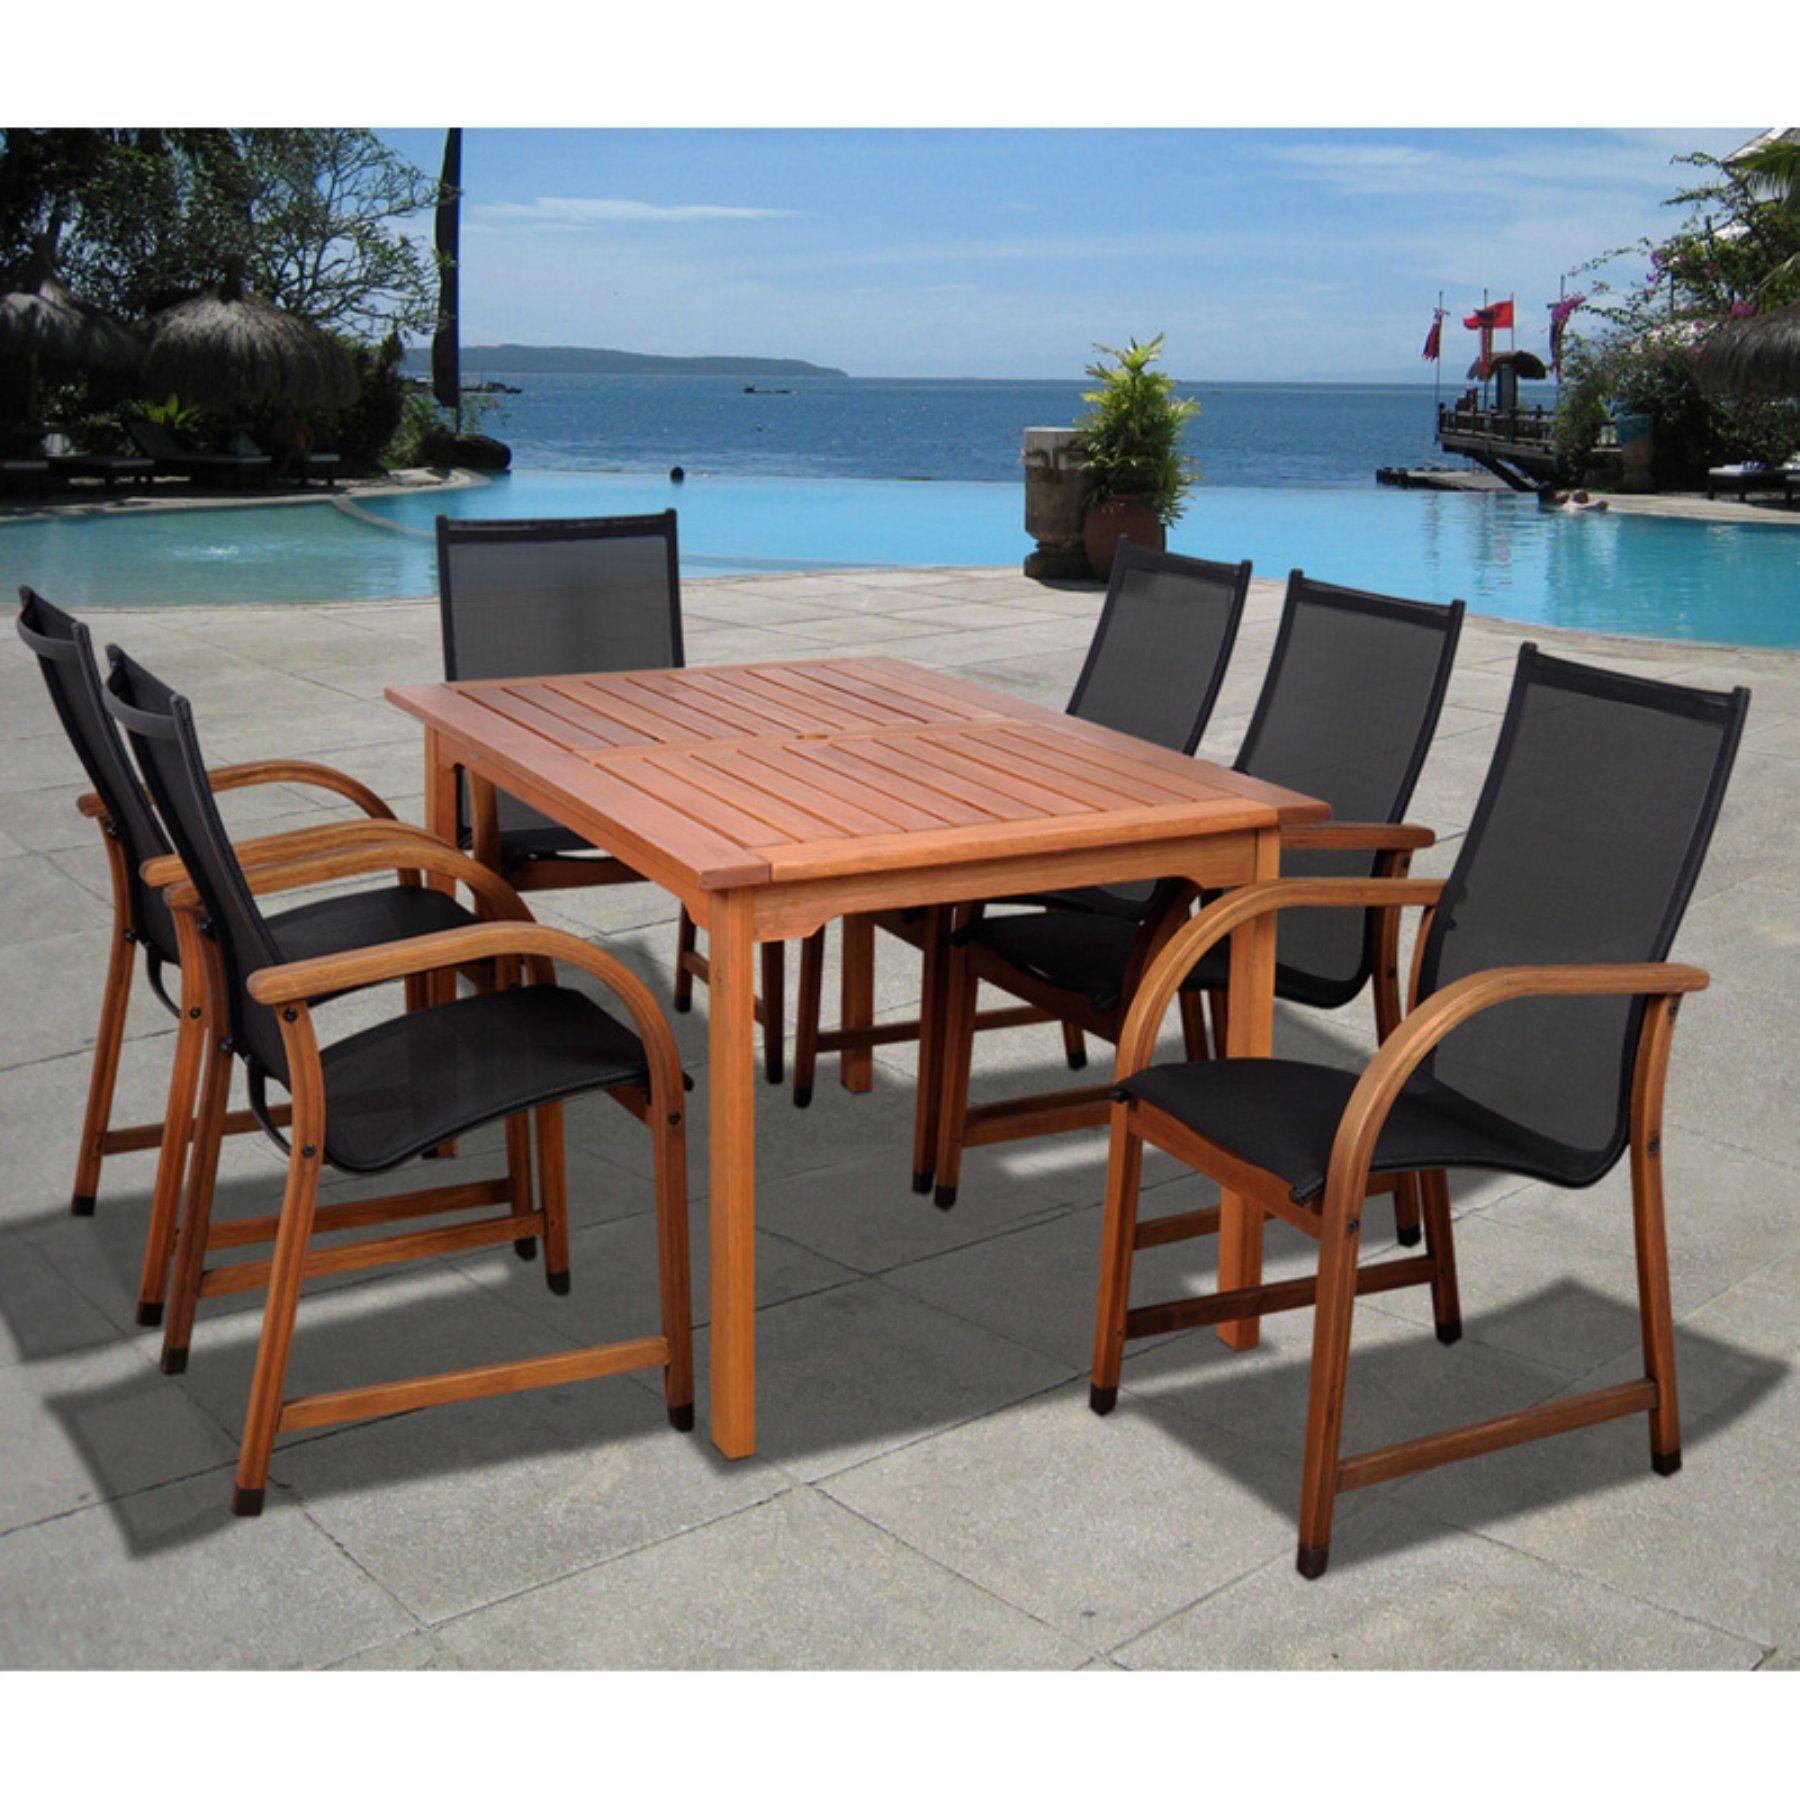 Outdoor amazonia indiana 7 piece eucalyptus rectangular patio dining set sc 361 6manha